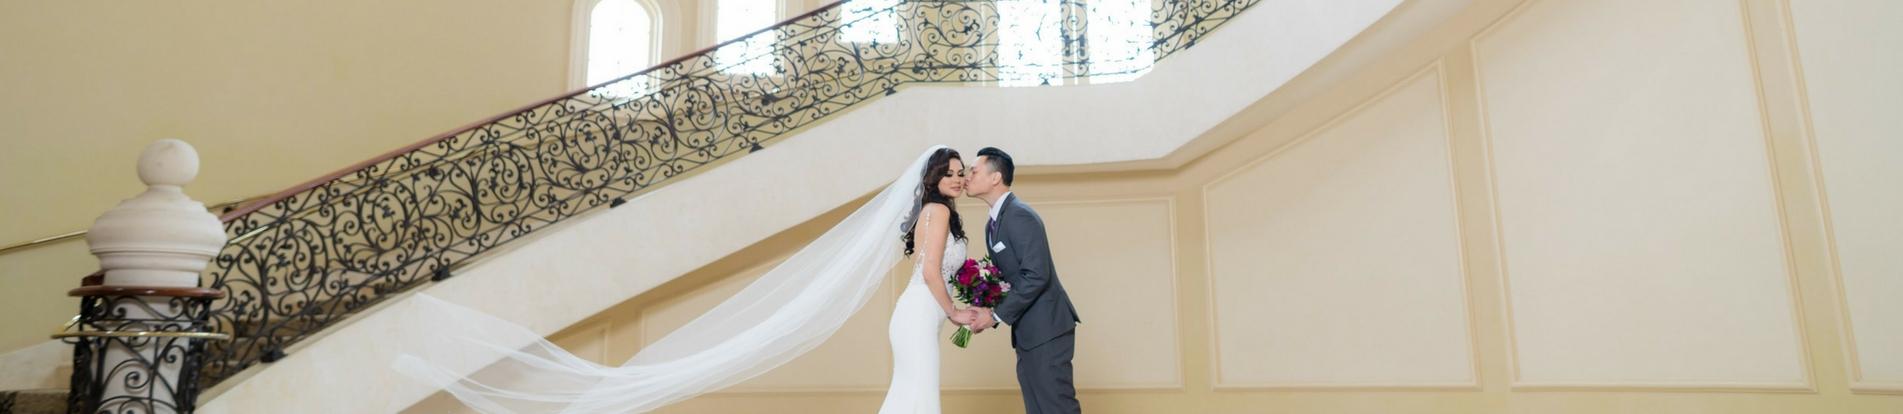 Enzoani 新娘 丨 我们的爱情就是愈来愈浓的紫色......